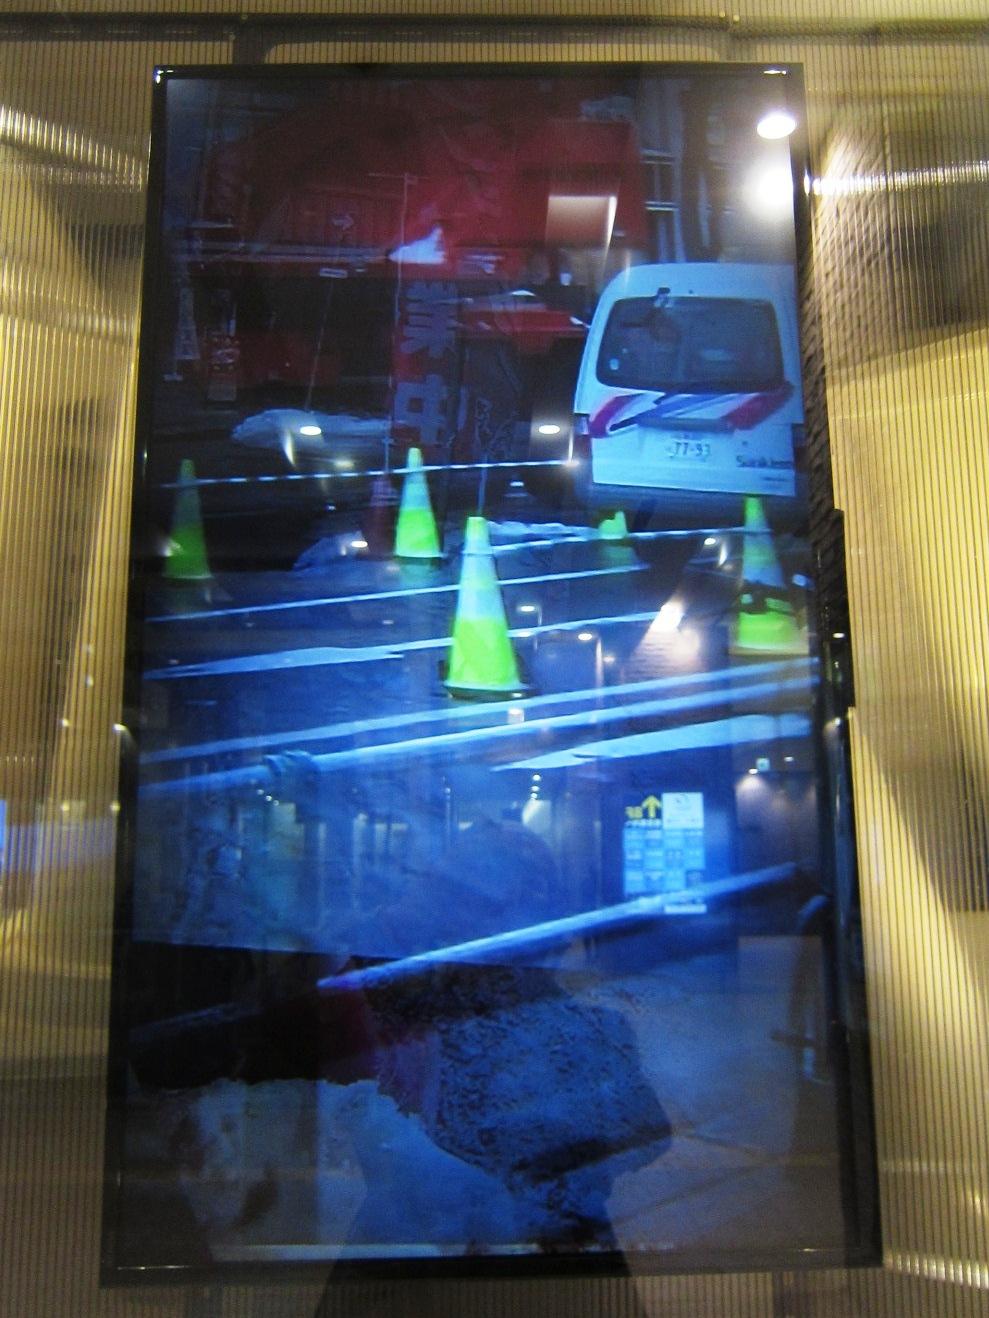 2509)「北芳樹(美術家) [Around the Roadcones] 」JRタワーARTBOX 3月5日(土)~5月31日(月)_f0126829_10285624.jpg